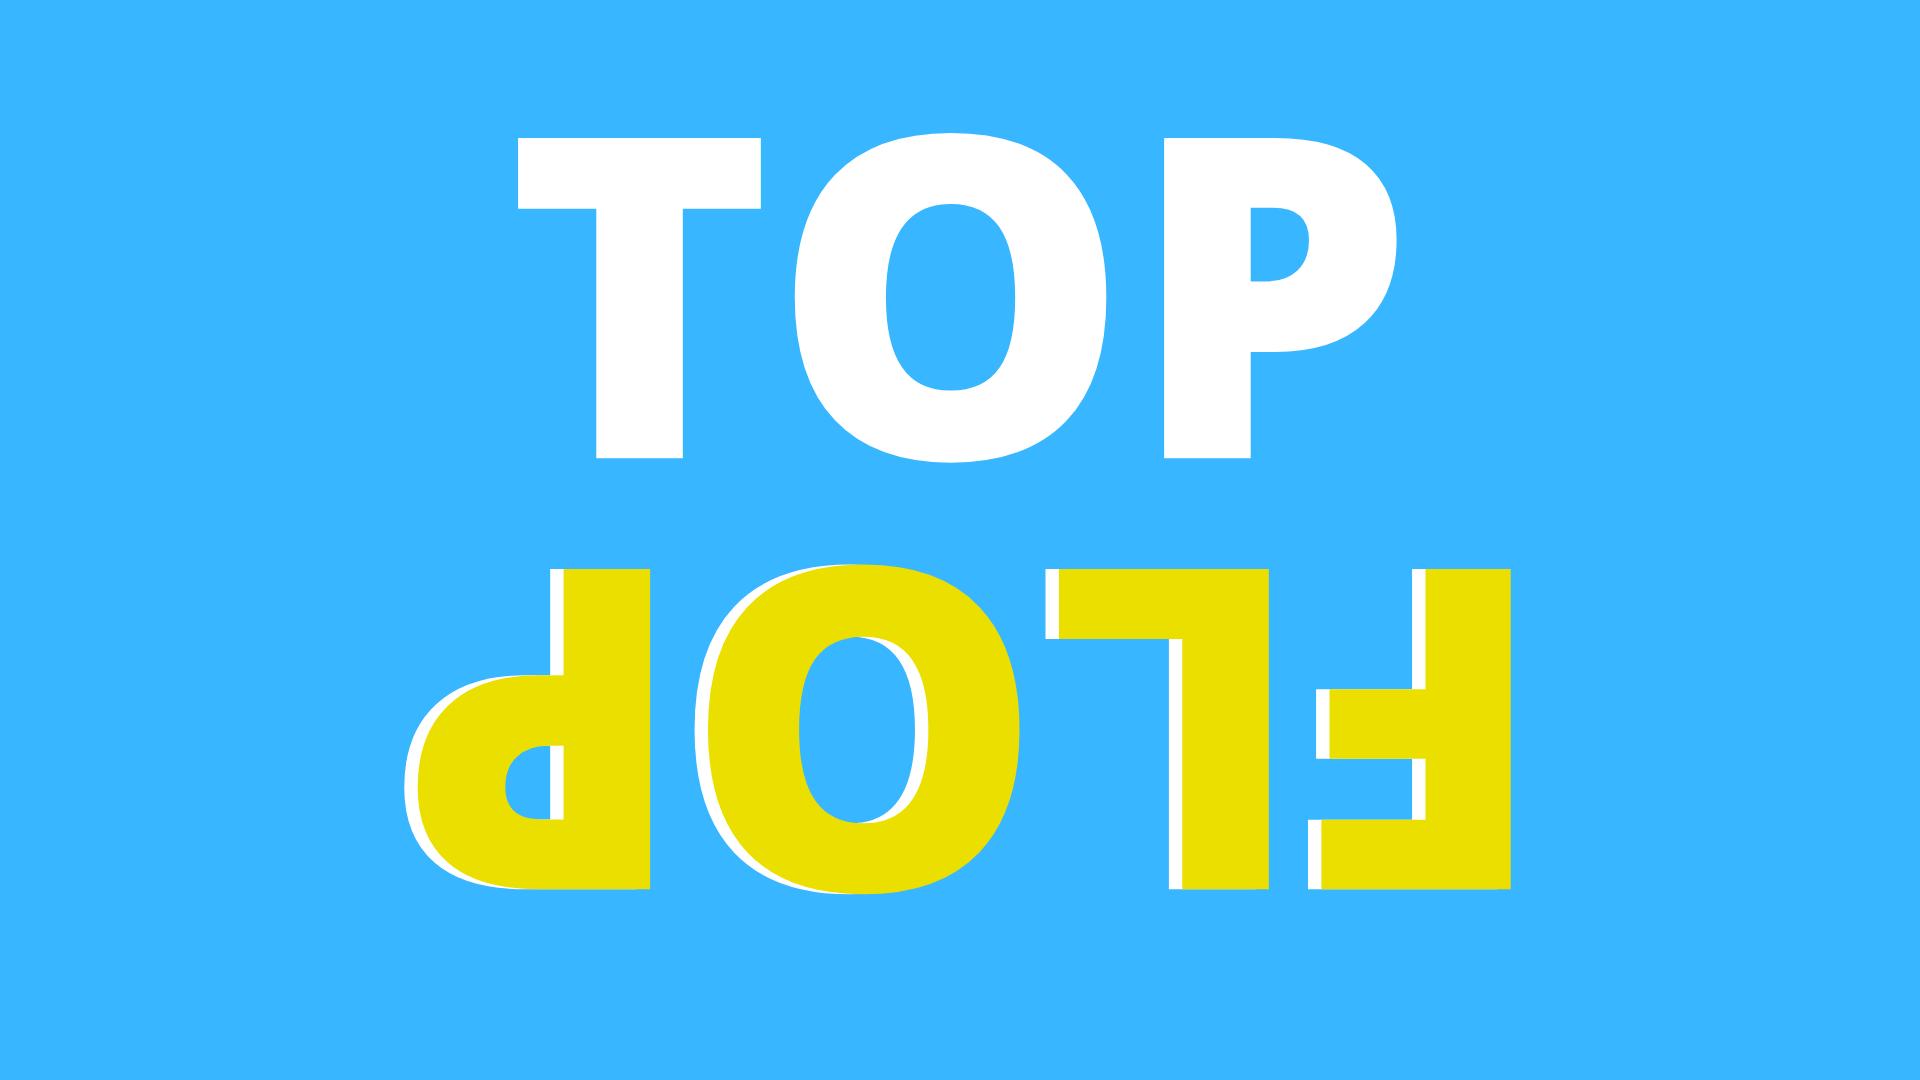 Bilan E-Commerce de l'année 2020 : Les Top et Flop